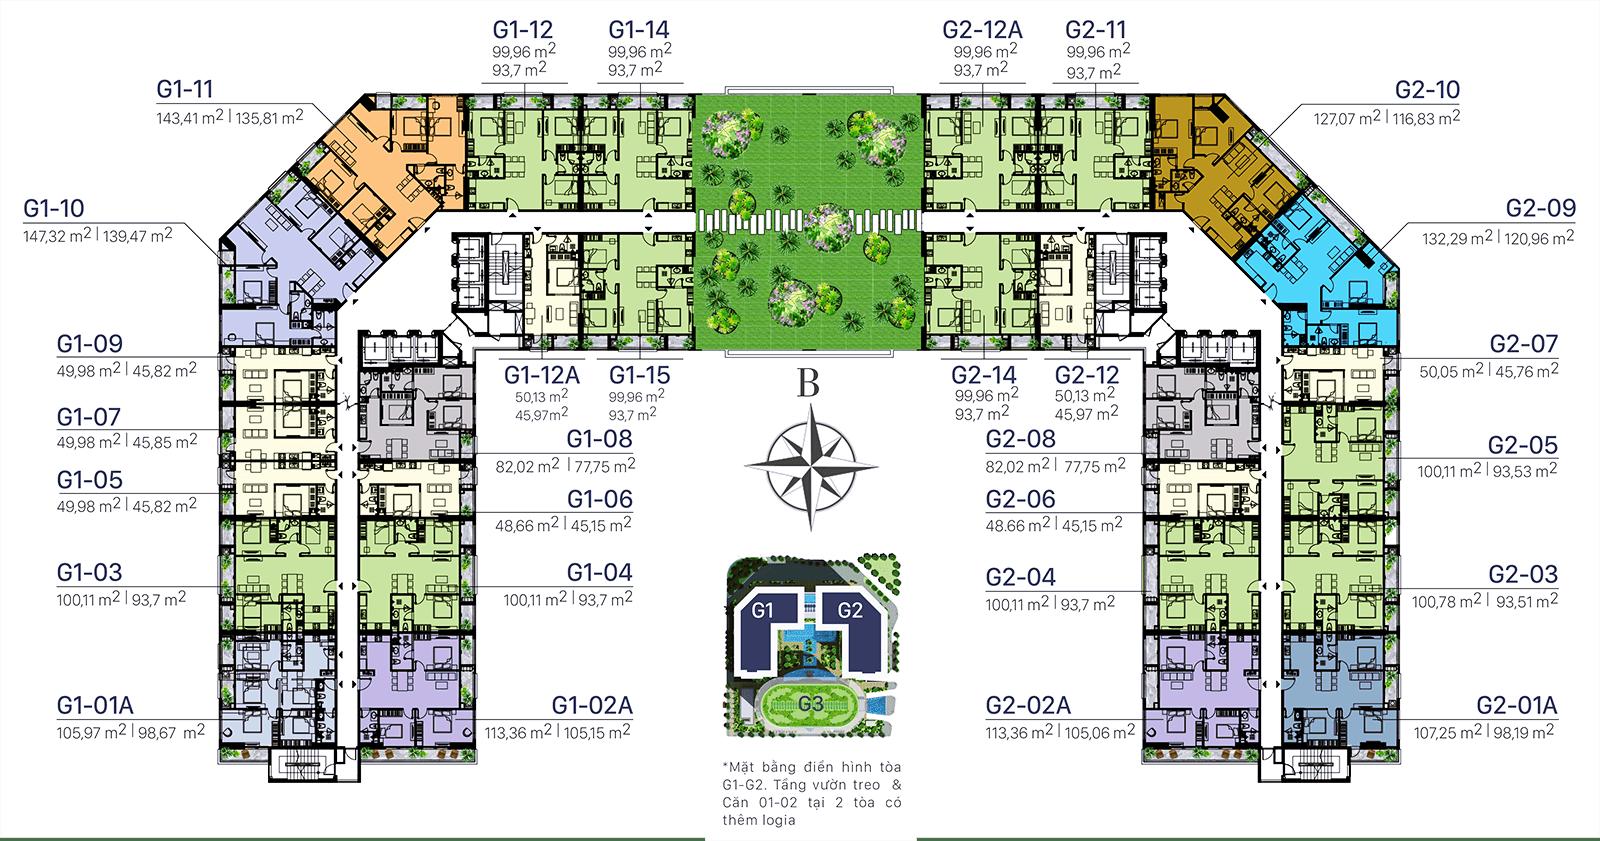 Mặt bằng điển hình toà G1 - G2 Sunshine Garden - Tầng 9